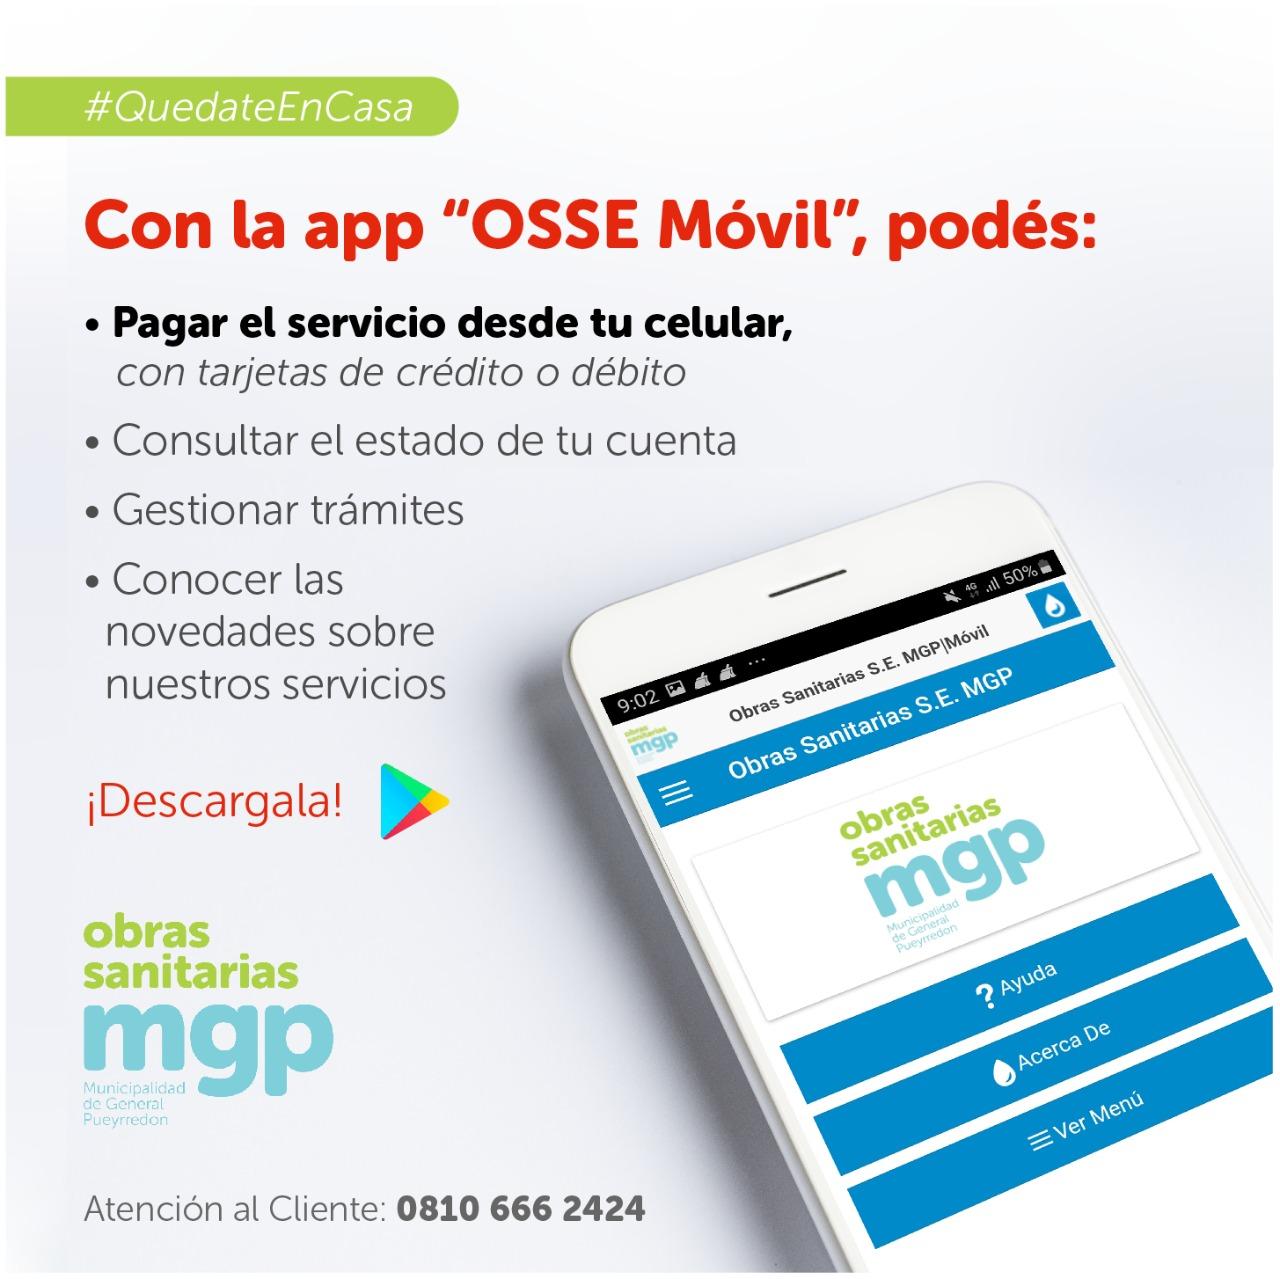 OSSE habilitó el pago de la  factura a través de su aplicación para celulares